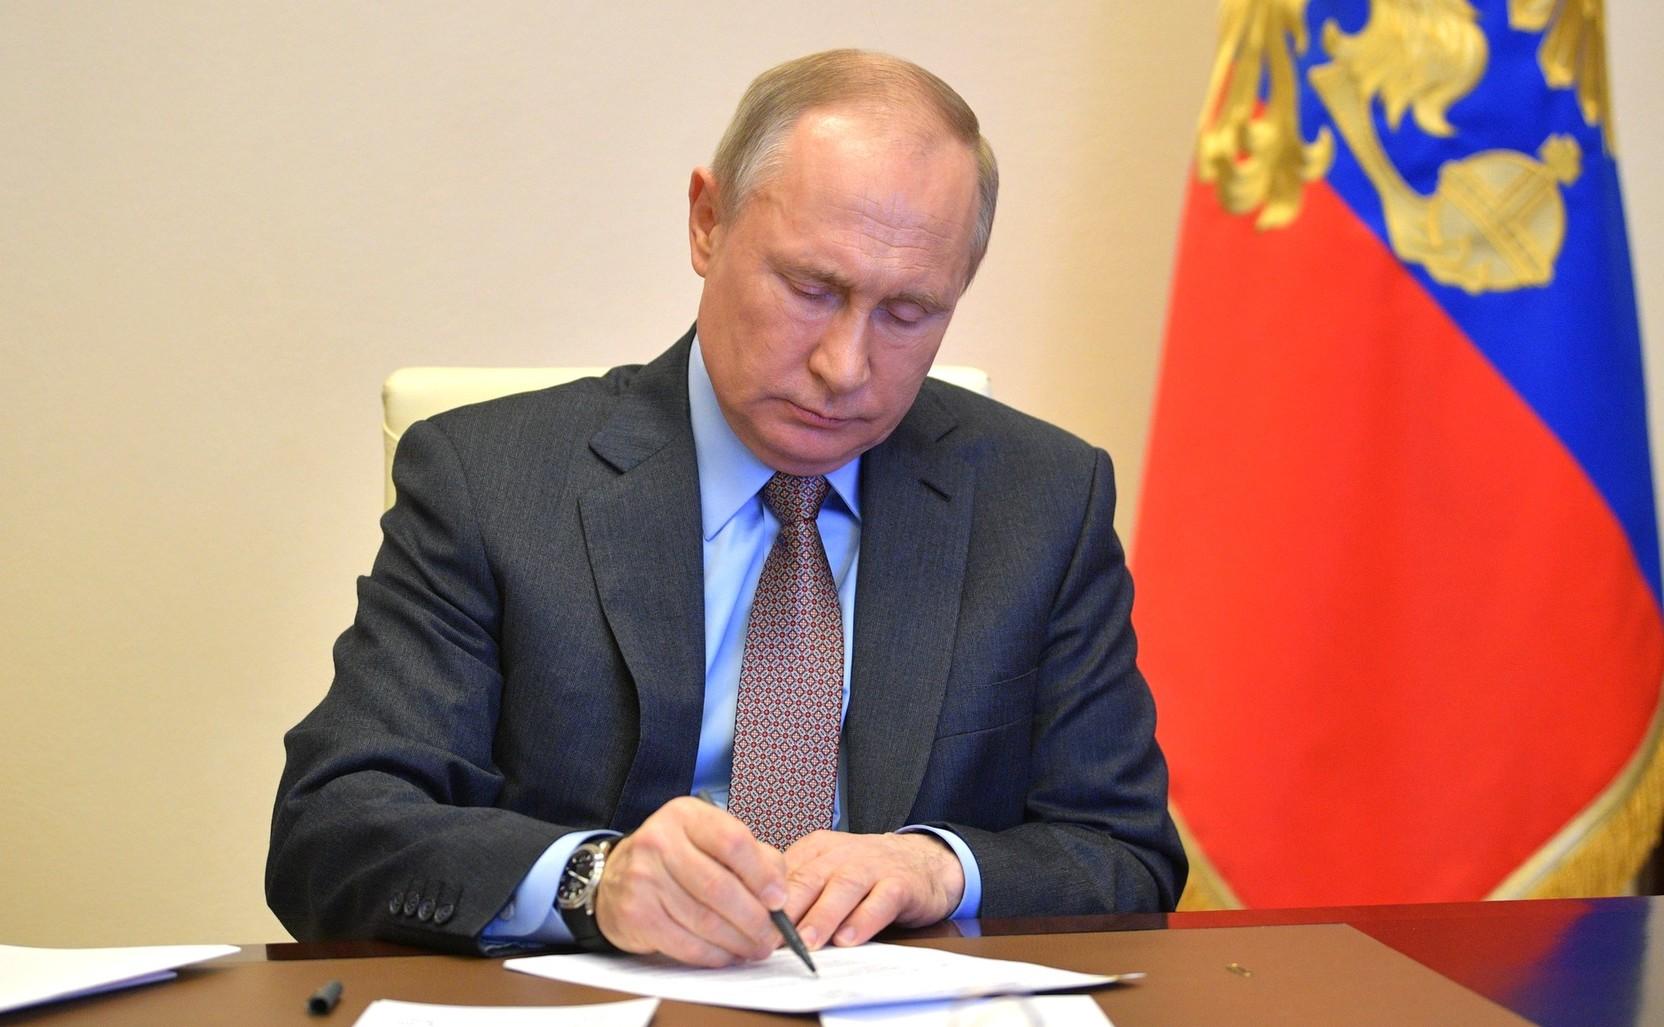 Путин посмертно наградил 19-летнюю девушку-волонтера за помощь пожилым людям